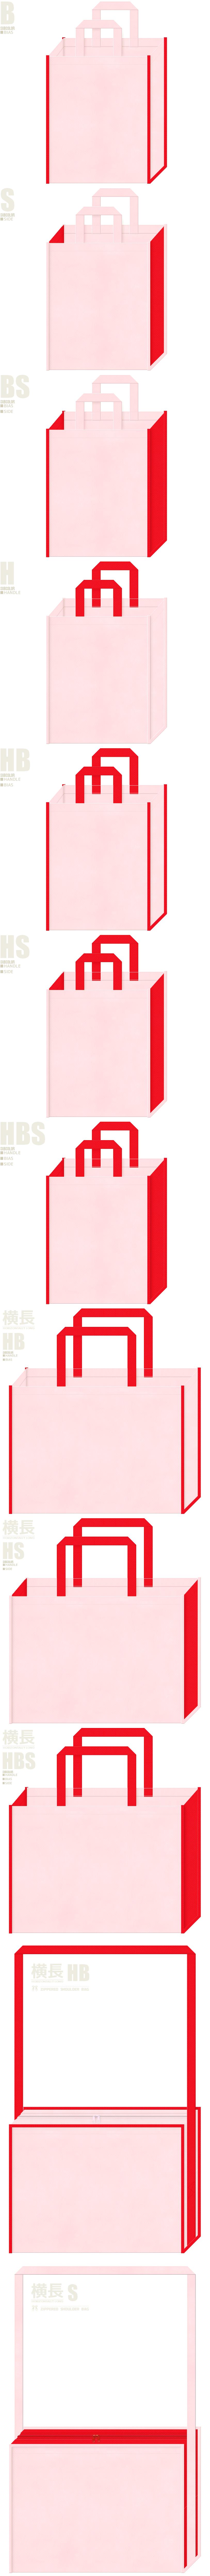 いちご大福・ケーキ・バレンタイン・ひな祭り・カーネーション・ハート・母の日・お正月・和風催事にお奨めの不織布バッグデザイン:桜色と赤色の配色7パターン。